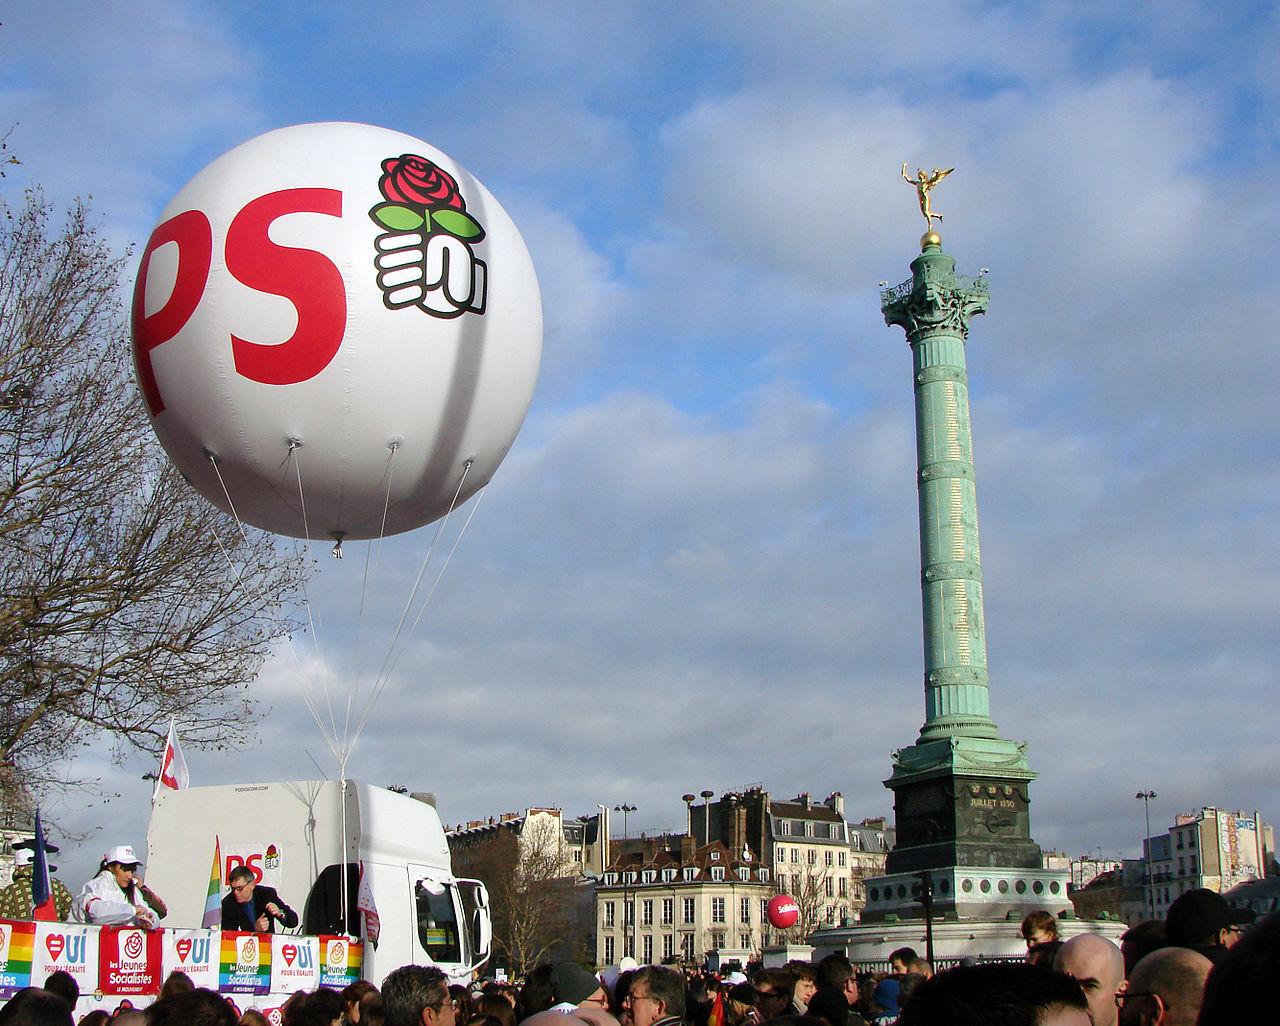 Manifestation pour le mariage pour tous Paris 16 12 2012 01.jpg